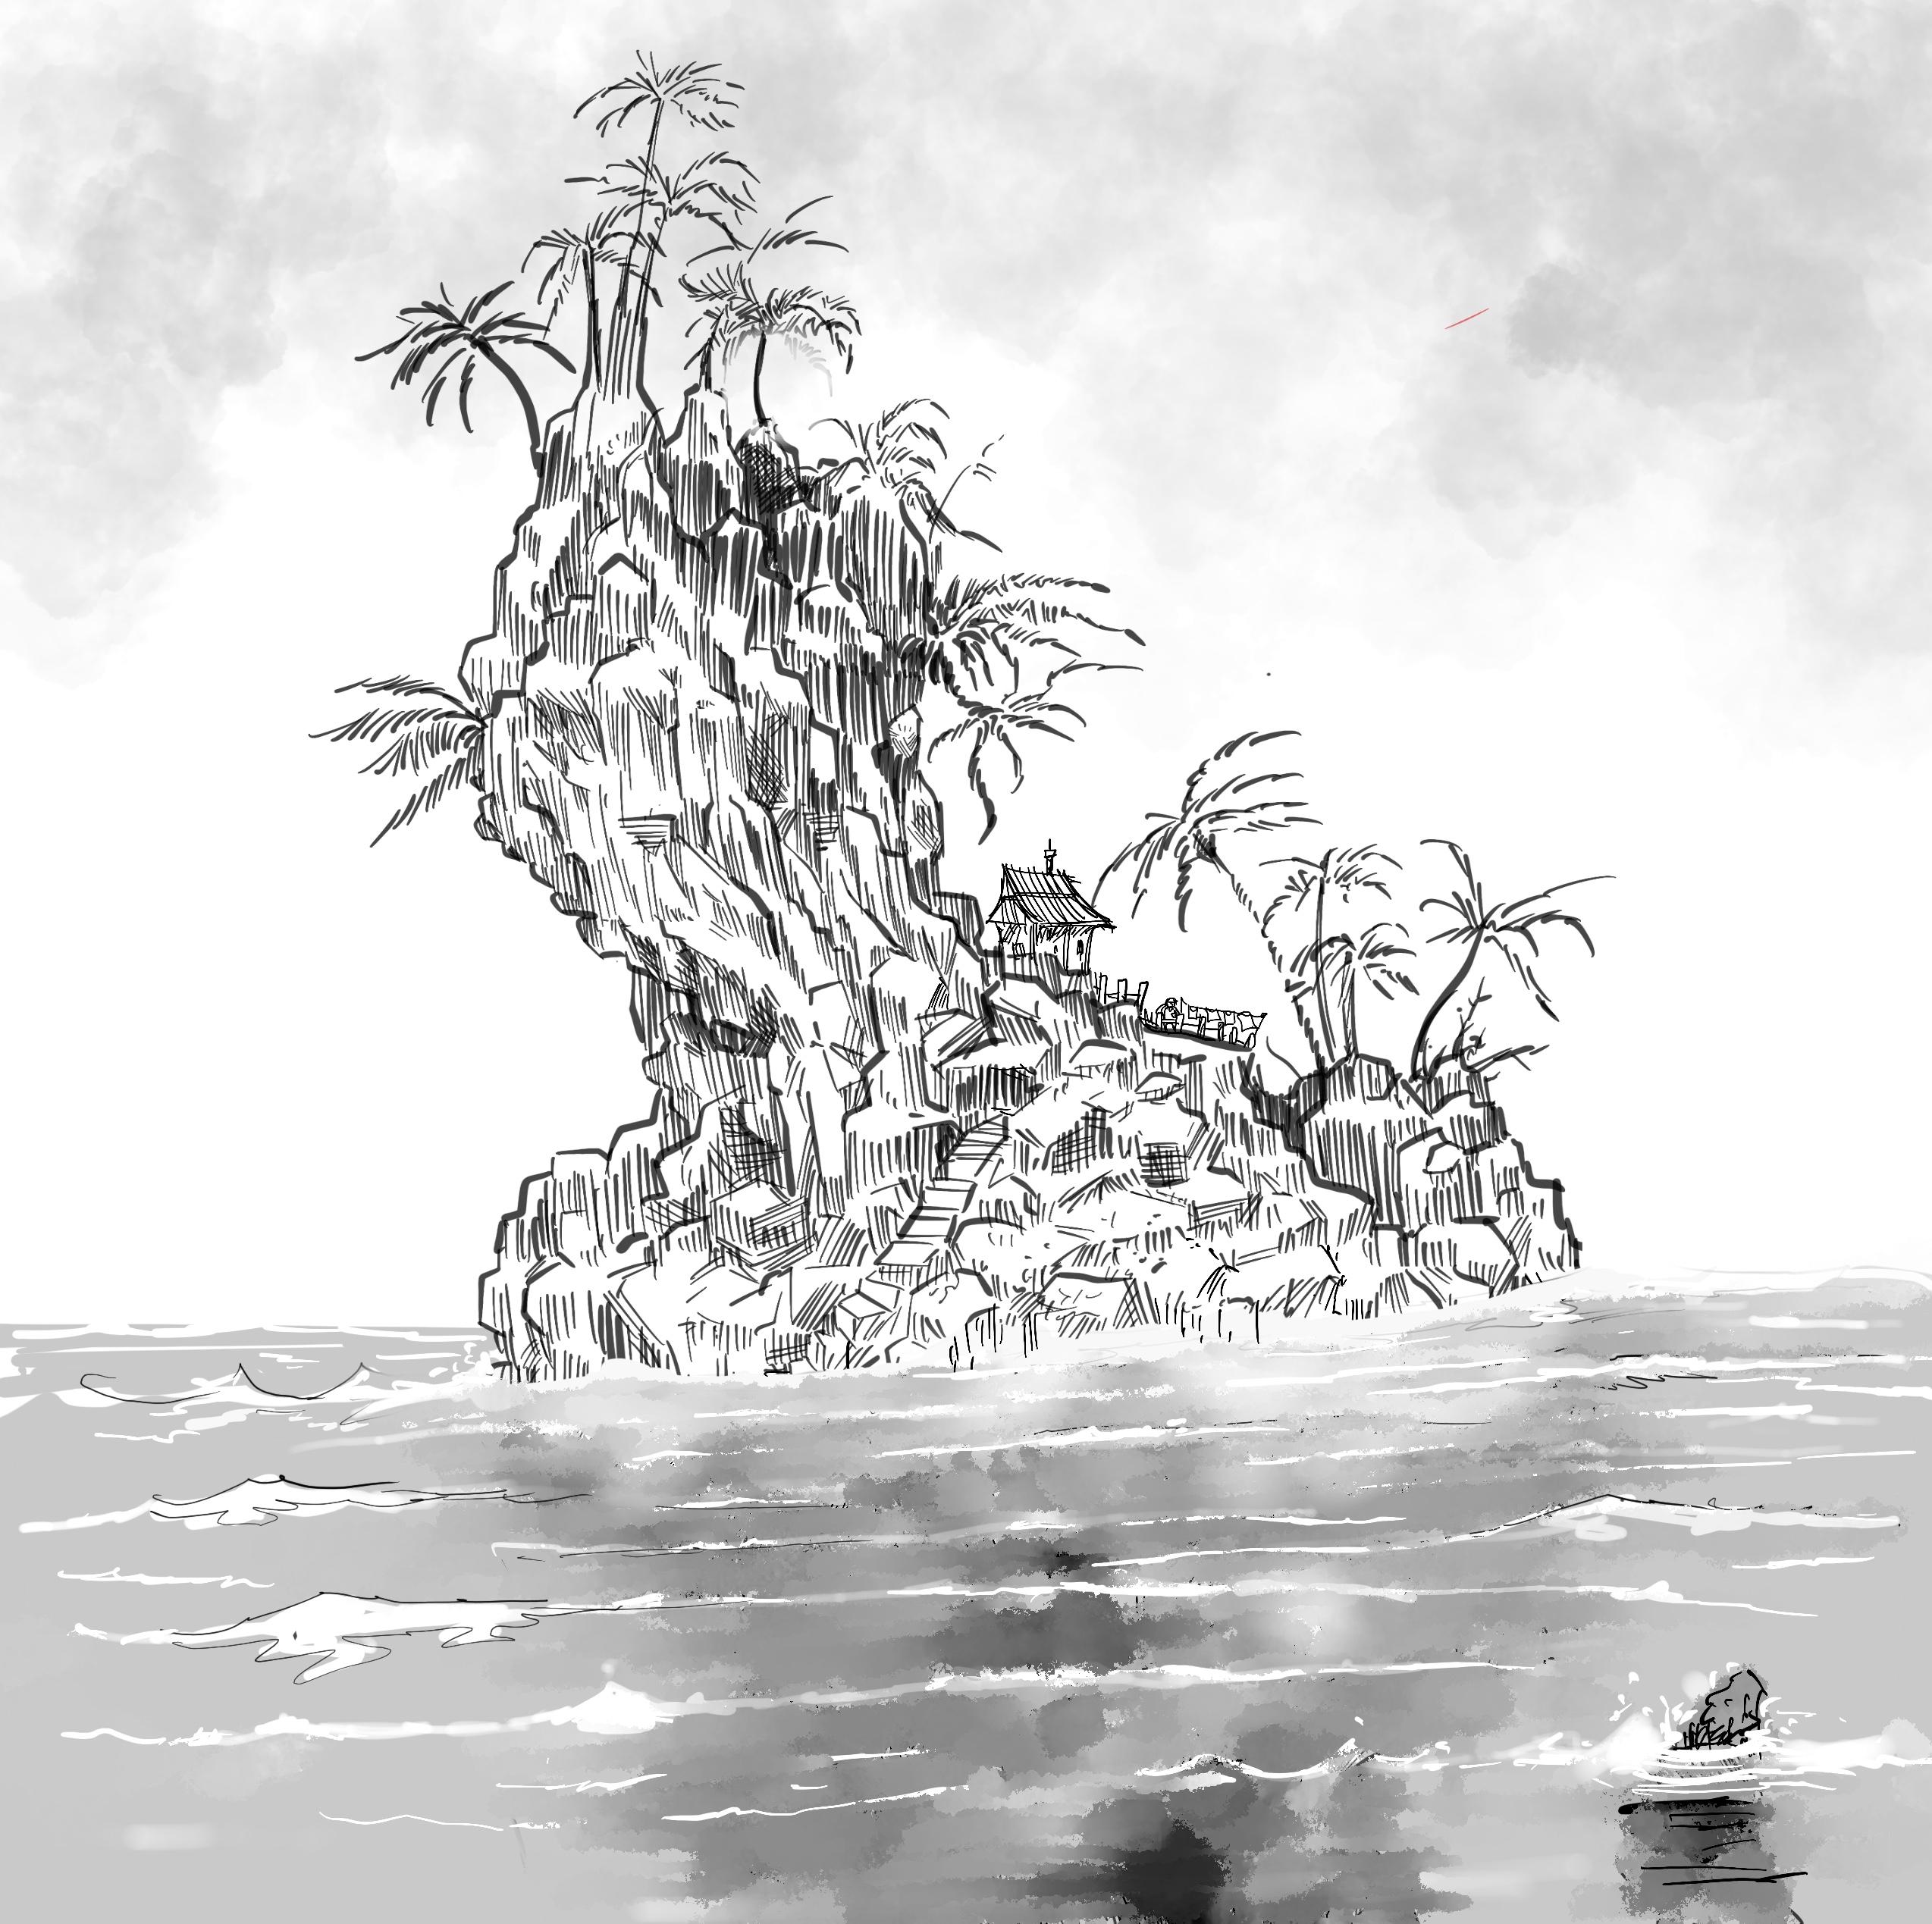 Island doodle